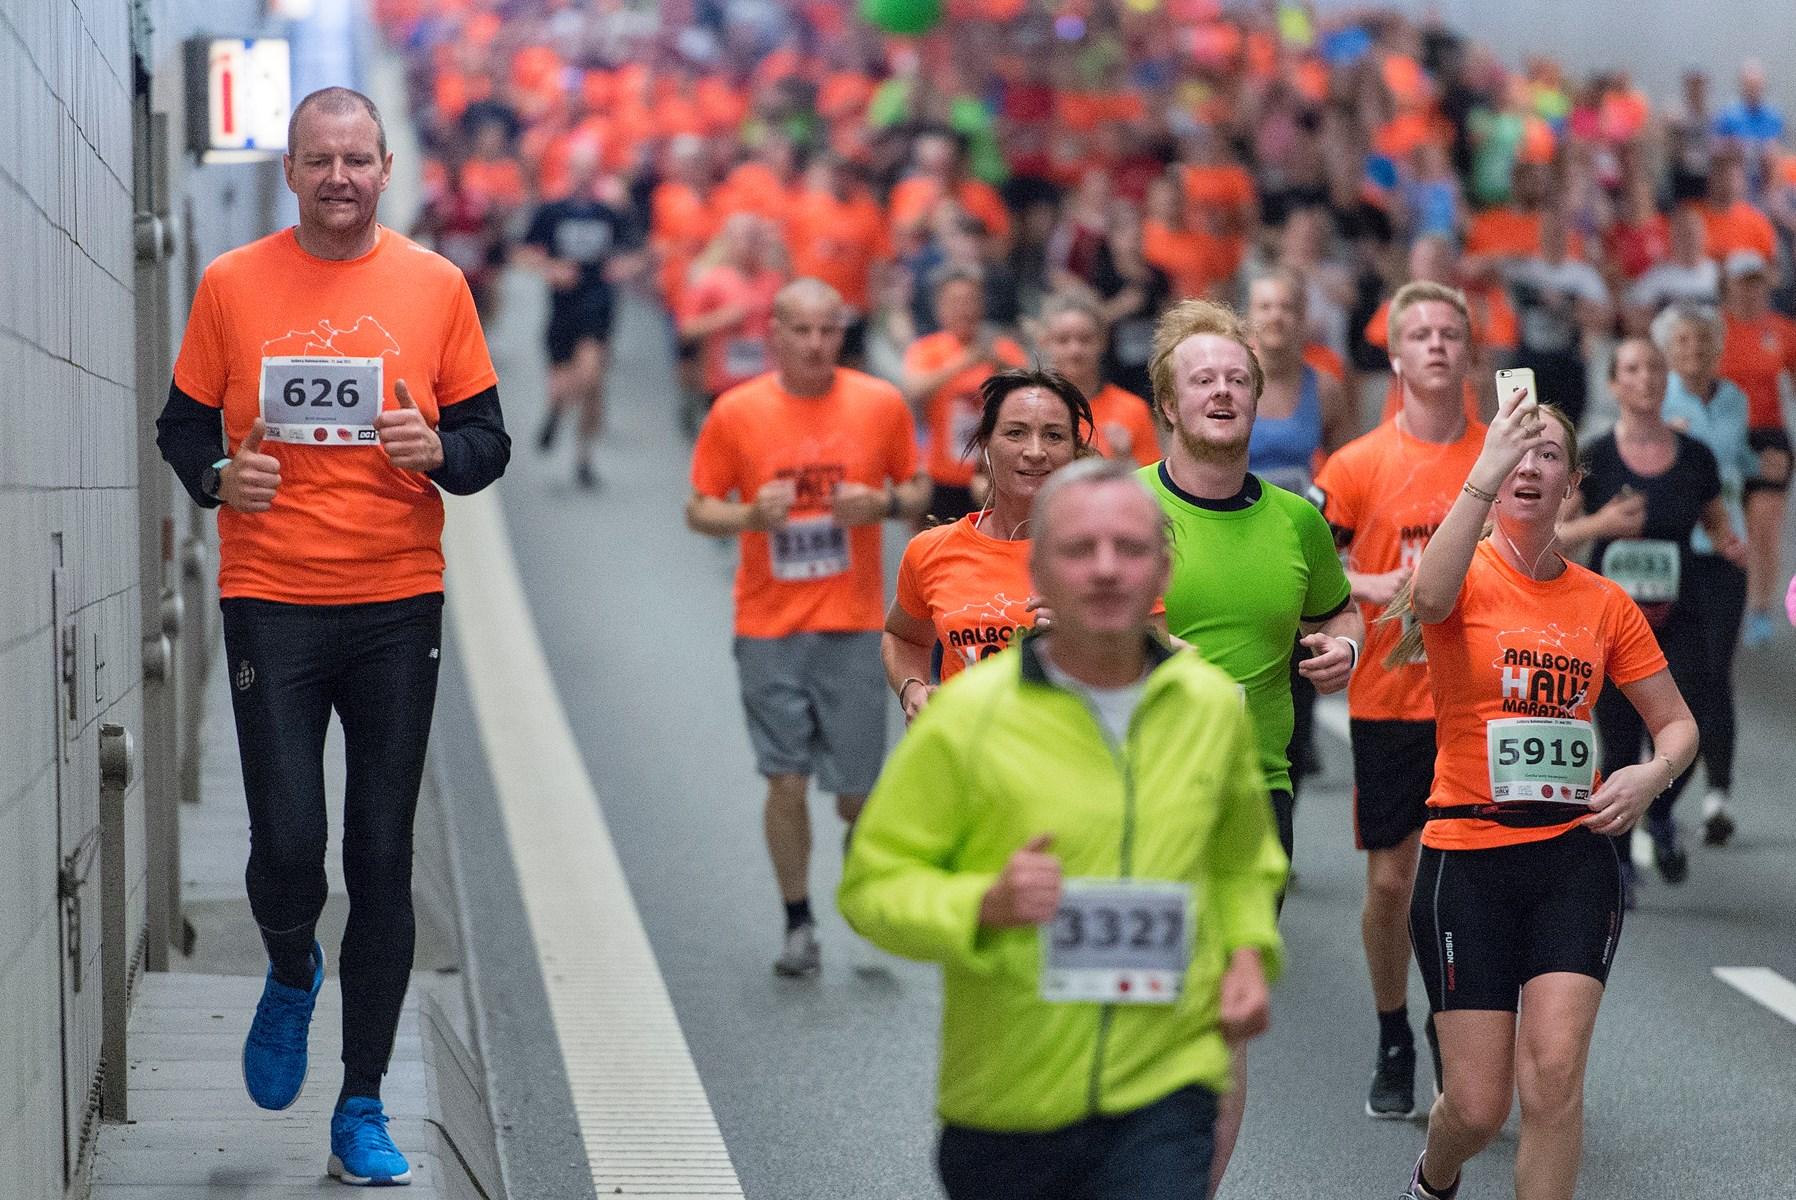 Se ruterne: Næsten 6.000 løbere er klar til Aalborg Halvmarathon